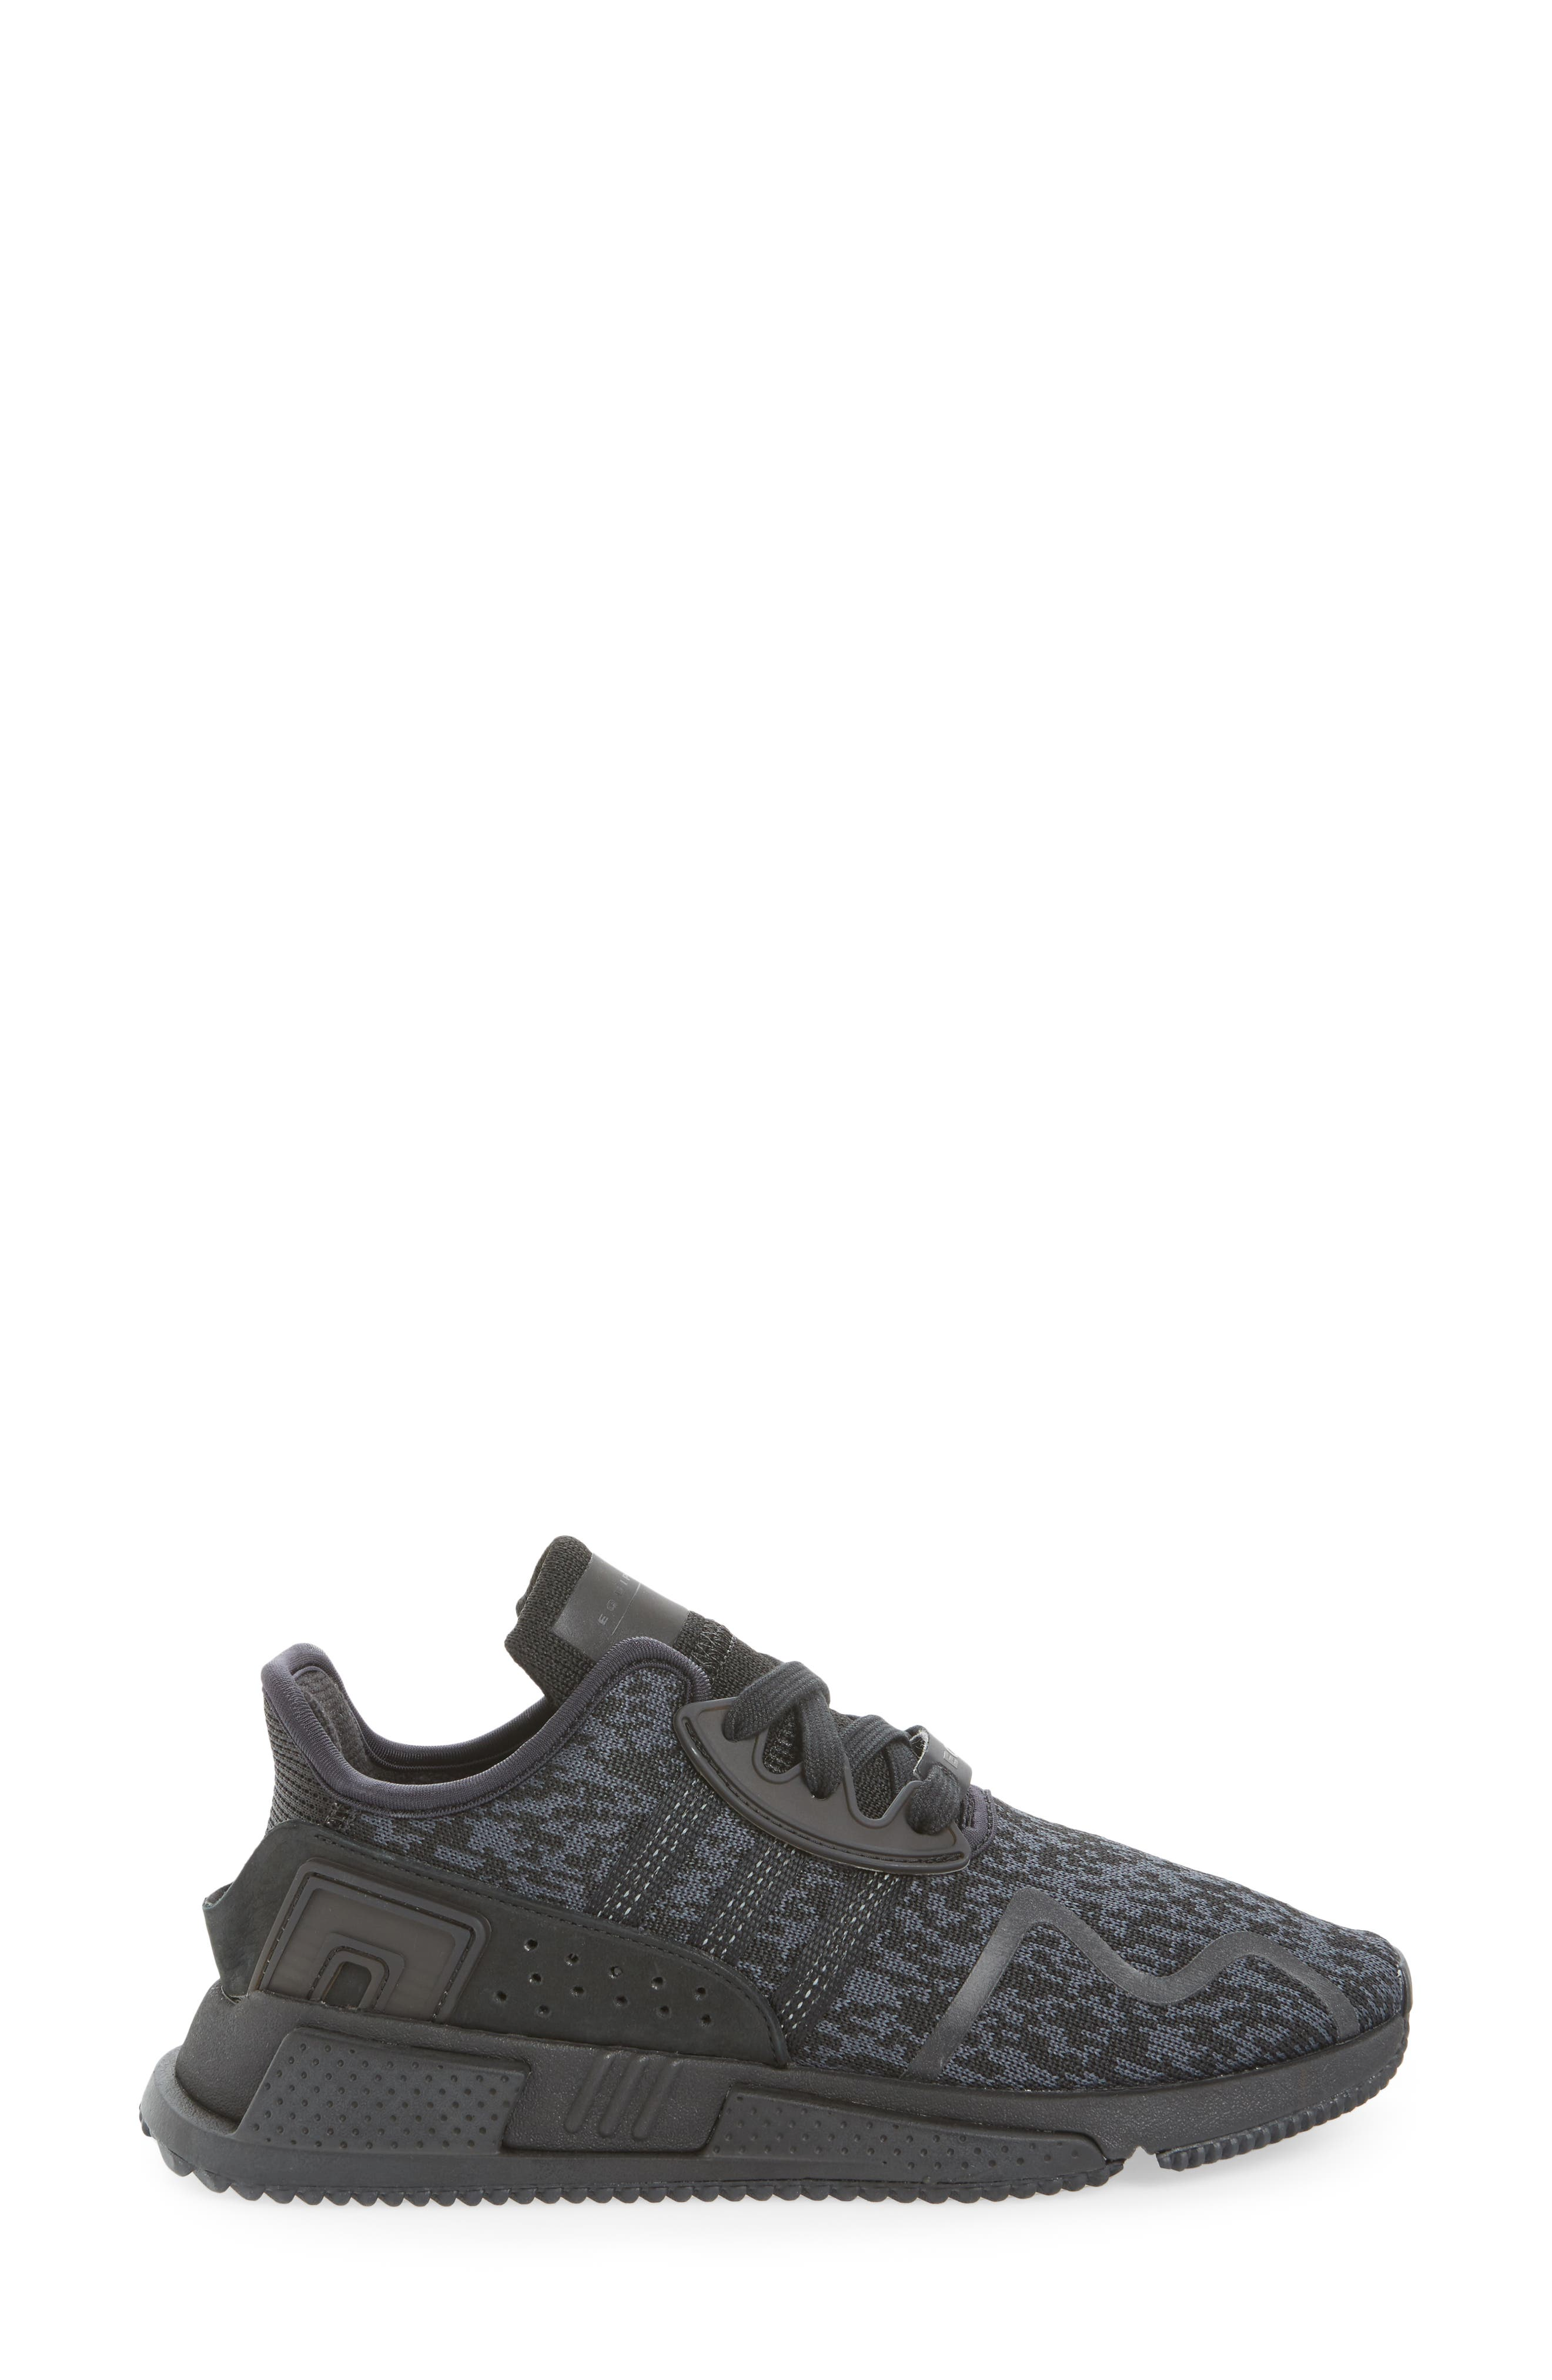 EQT Cushion ADV Sneaker,                             Alternate thumbnail 3, color,                             Core Black/ Core Black/ White